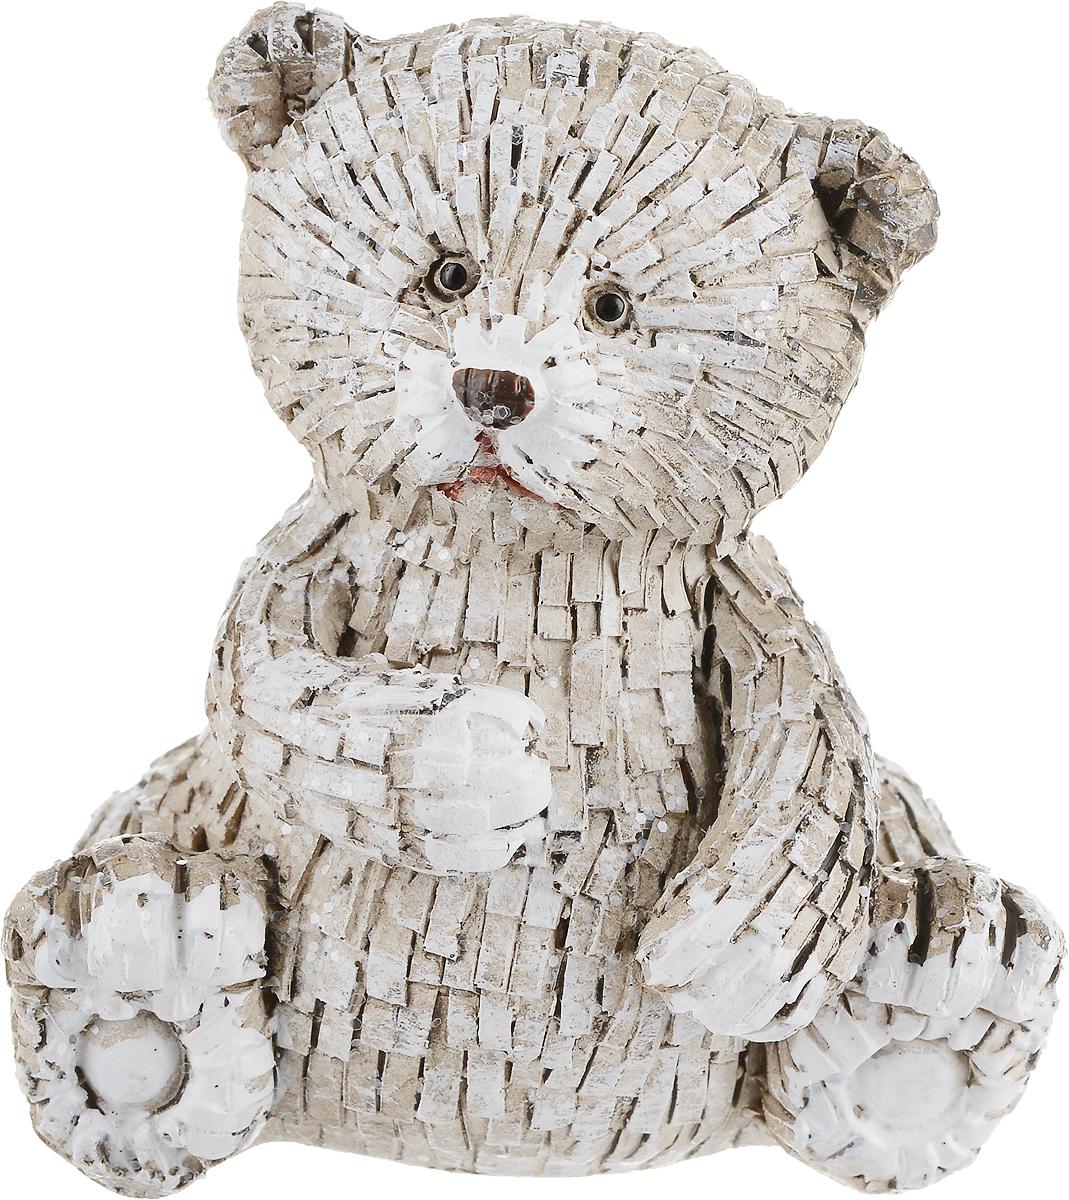 Фигурка декоративная Magic Time Морозный мишка. 7567075670Декоративная фигурка Magic Time Морозный мишка станет прекрасным дополнением к интерьеру. Изделие, изготовленное из полирезины, выполнено в виде мишки. Вы можете поставить фигурку в любом месте, где она будет удачно смотреться и радовать глаз.Такая фигурка станет отличным подарком для близких и друзей.Размеры: 7 х 5 х 7 см.